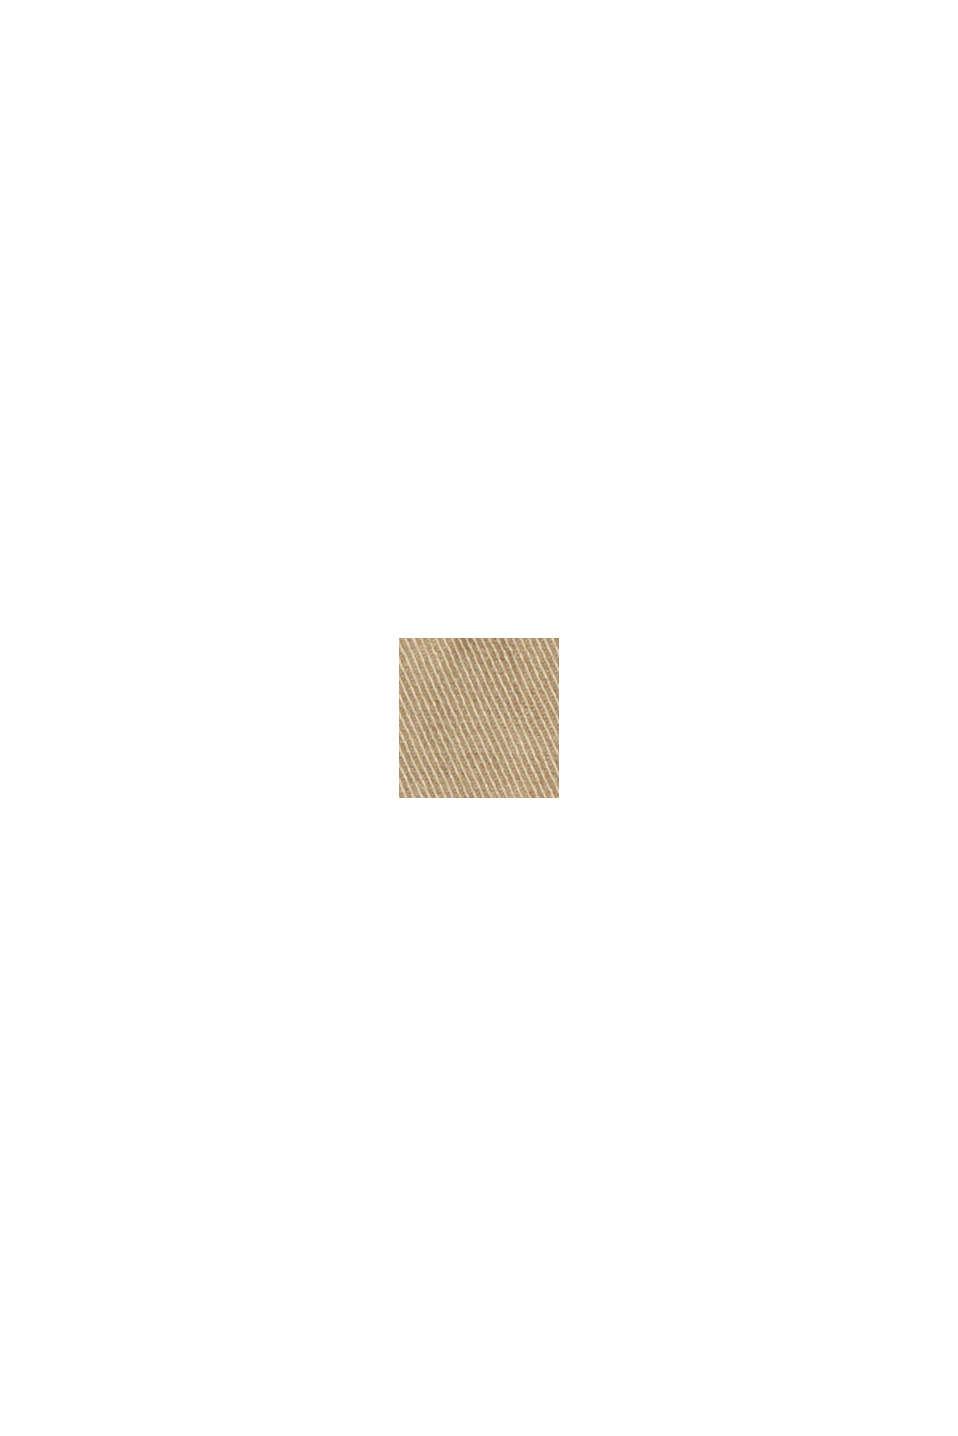 Shorts i bomuldsstretch med læg under linningen, SAND, swatch